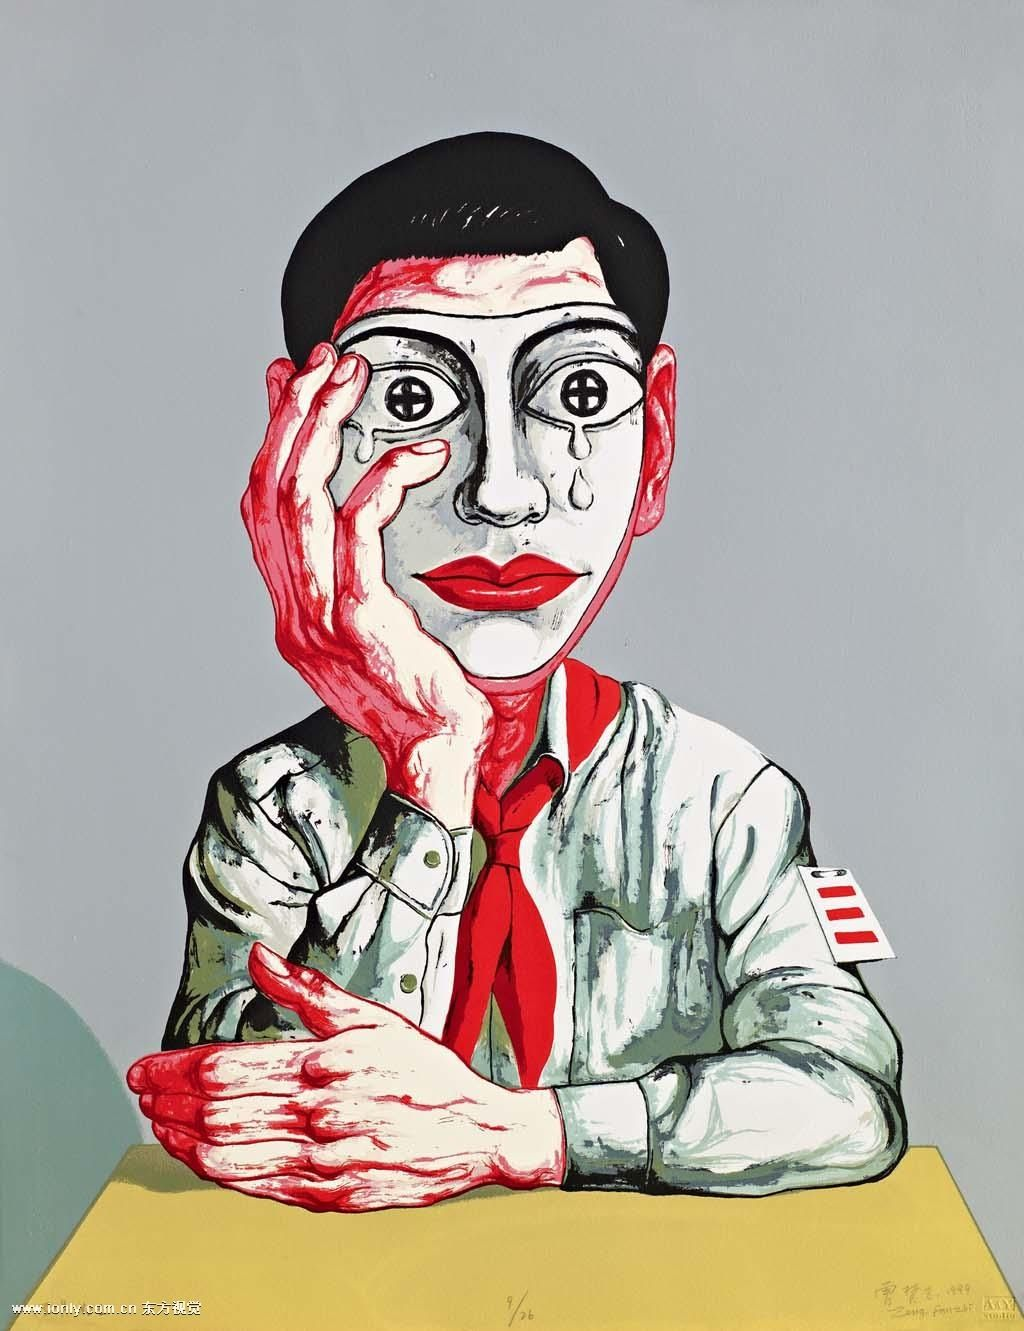 Zeng Fanzhi Http Www Widewalls Ch Artist Zeng Fanzhi Contemporary Art Expressionism Zeng Fanzhi Art Chinese Contemporary Art